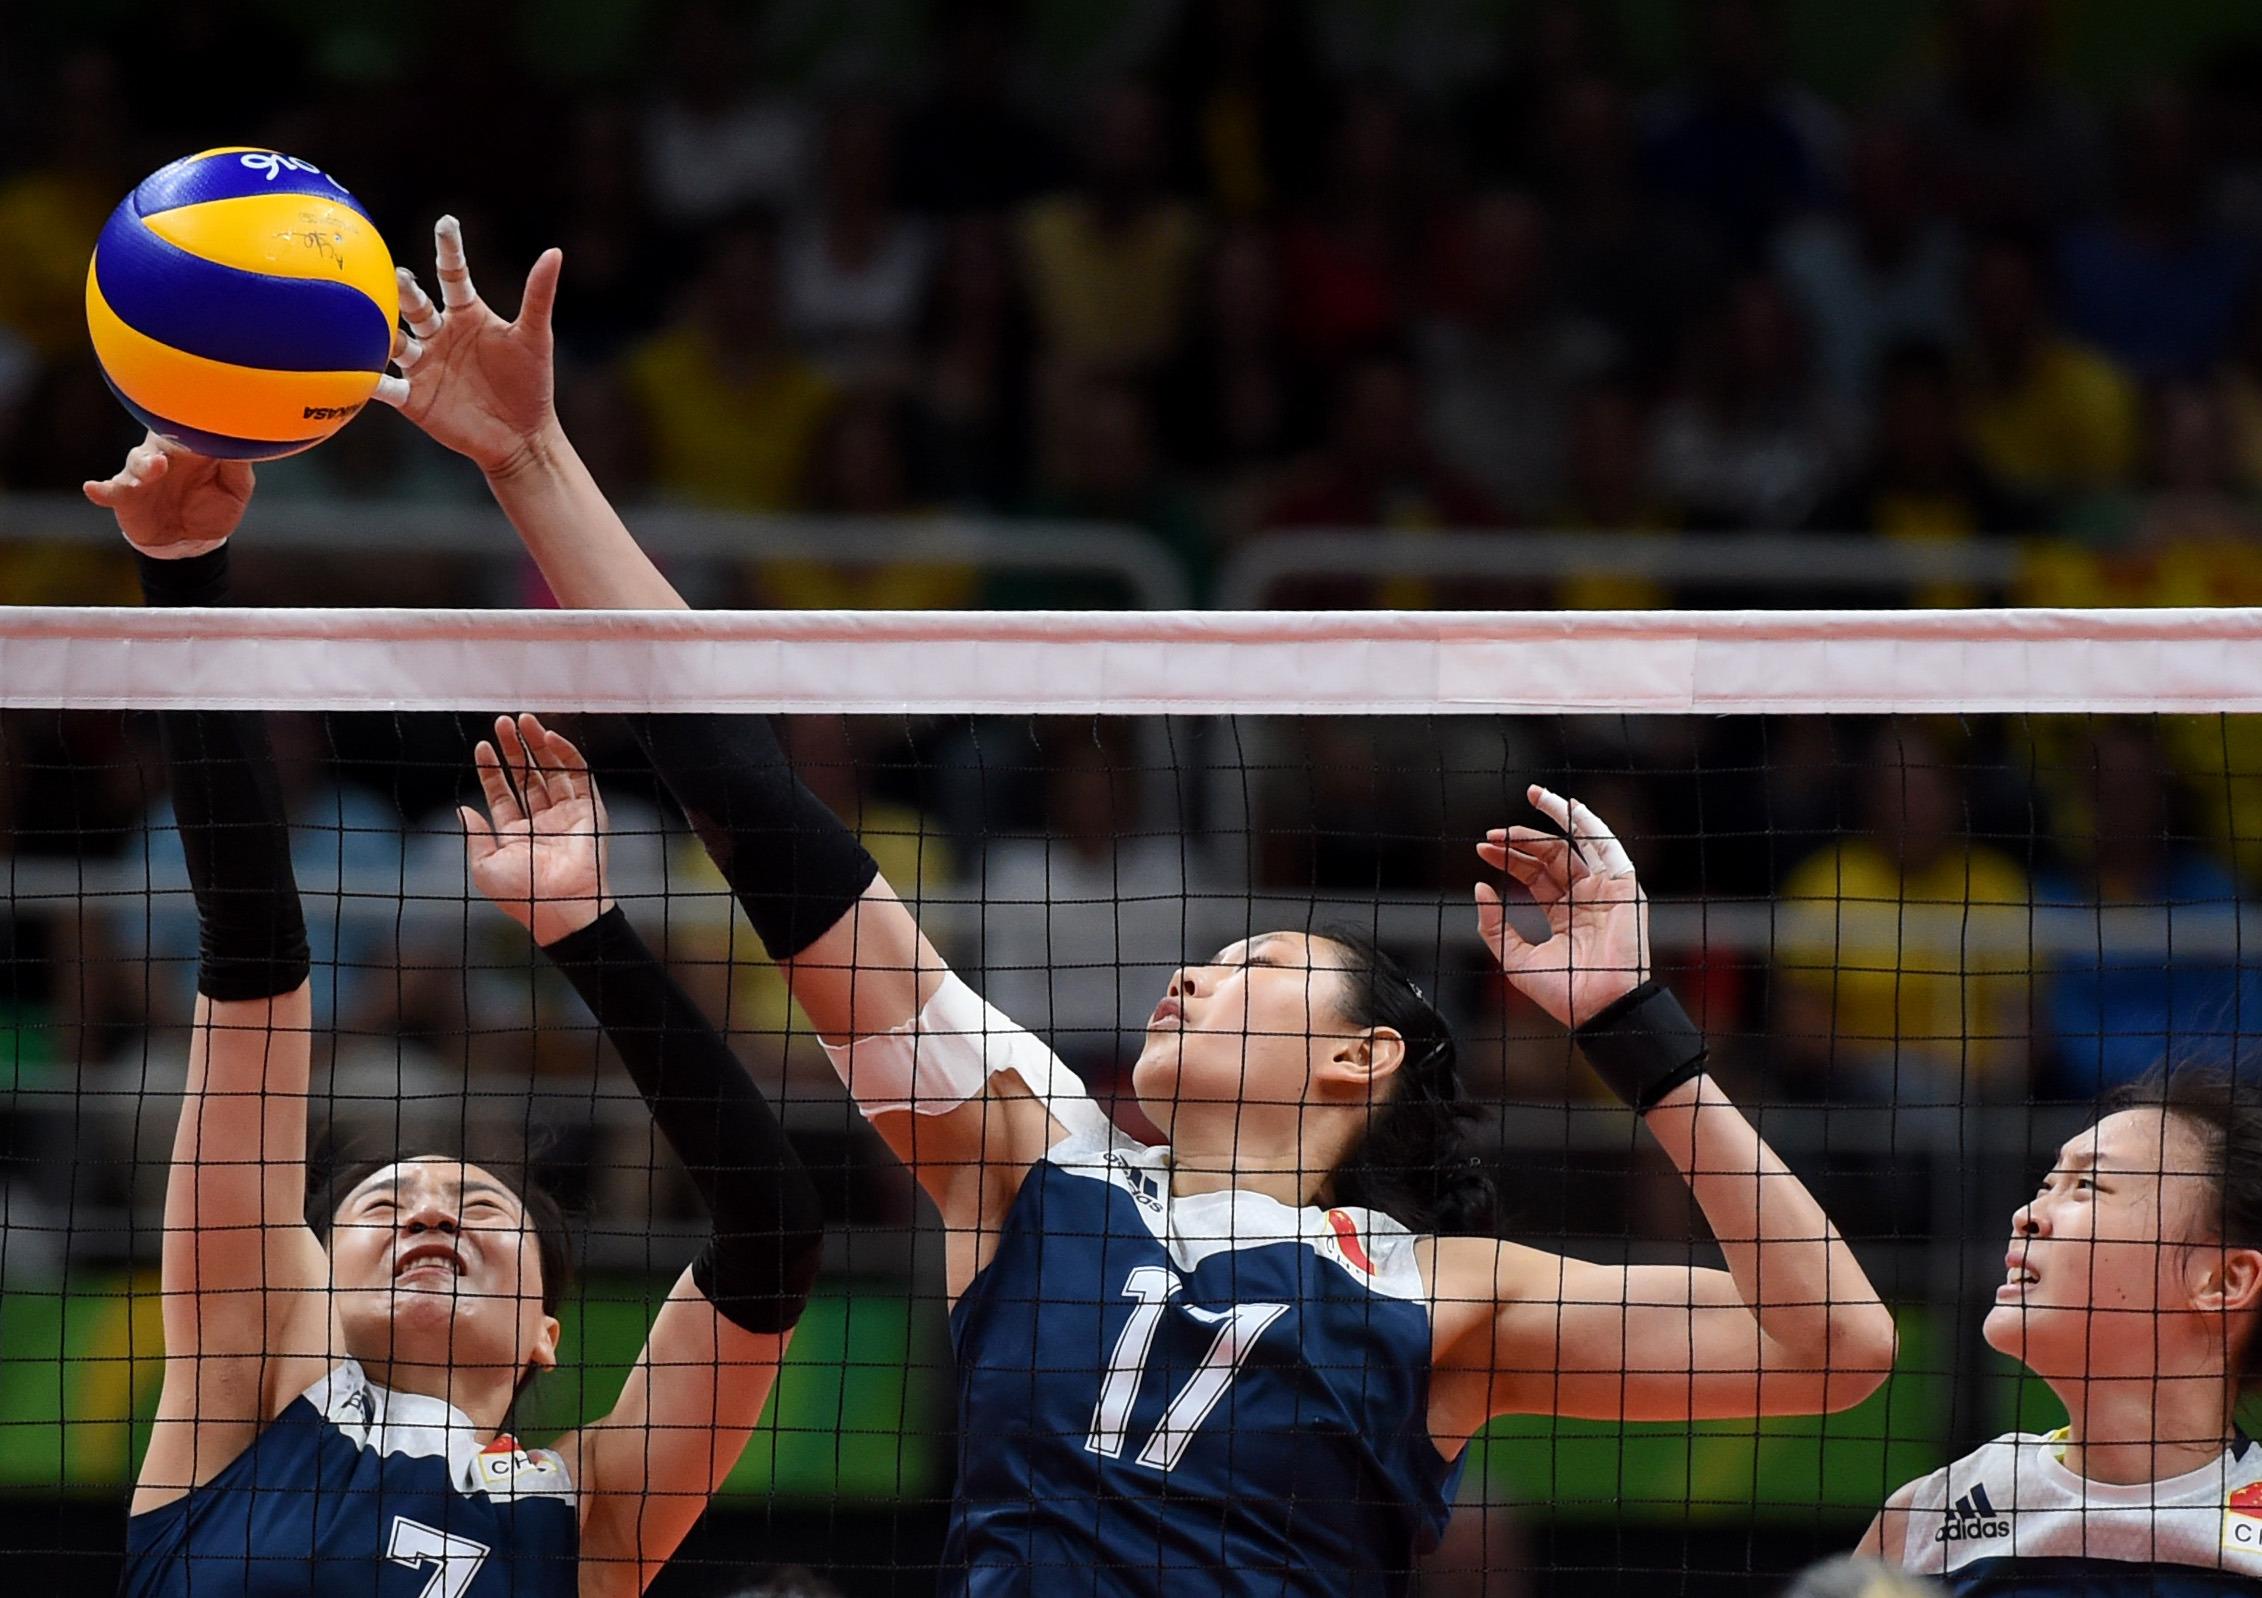 中国队球员魏秋月(左一)、颜妮(中)在比赛中拦网。 当日,在2016年里约奥运会女子排球四分之一决赛中,中国队以3比2战胜巴西队,晋级四强。 新华社记者岳月伟摄